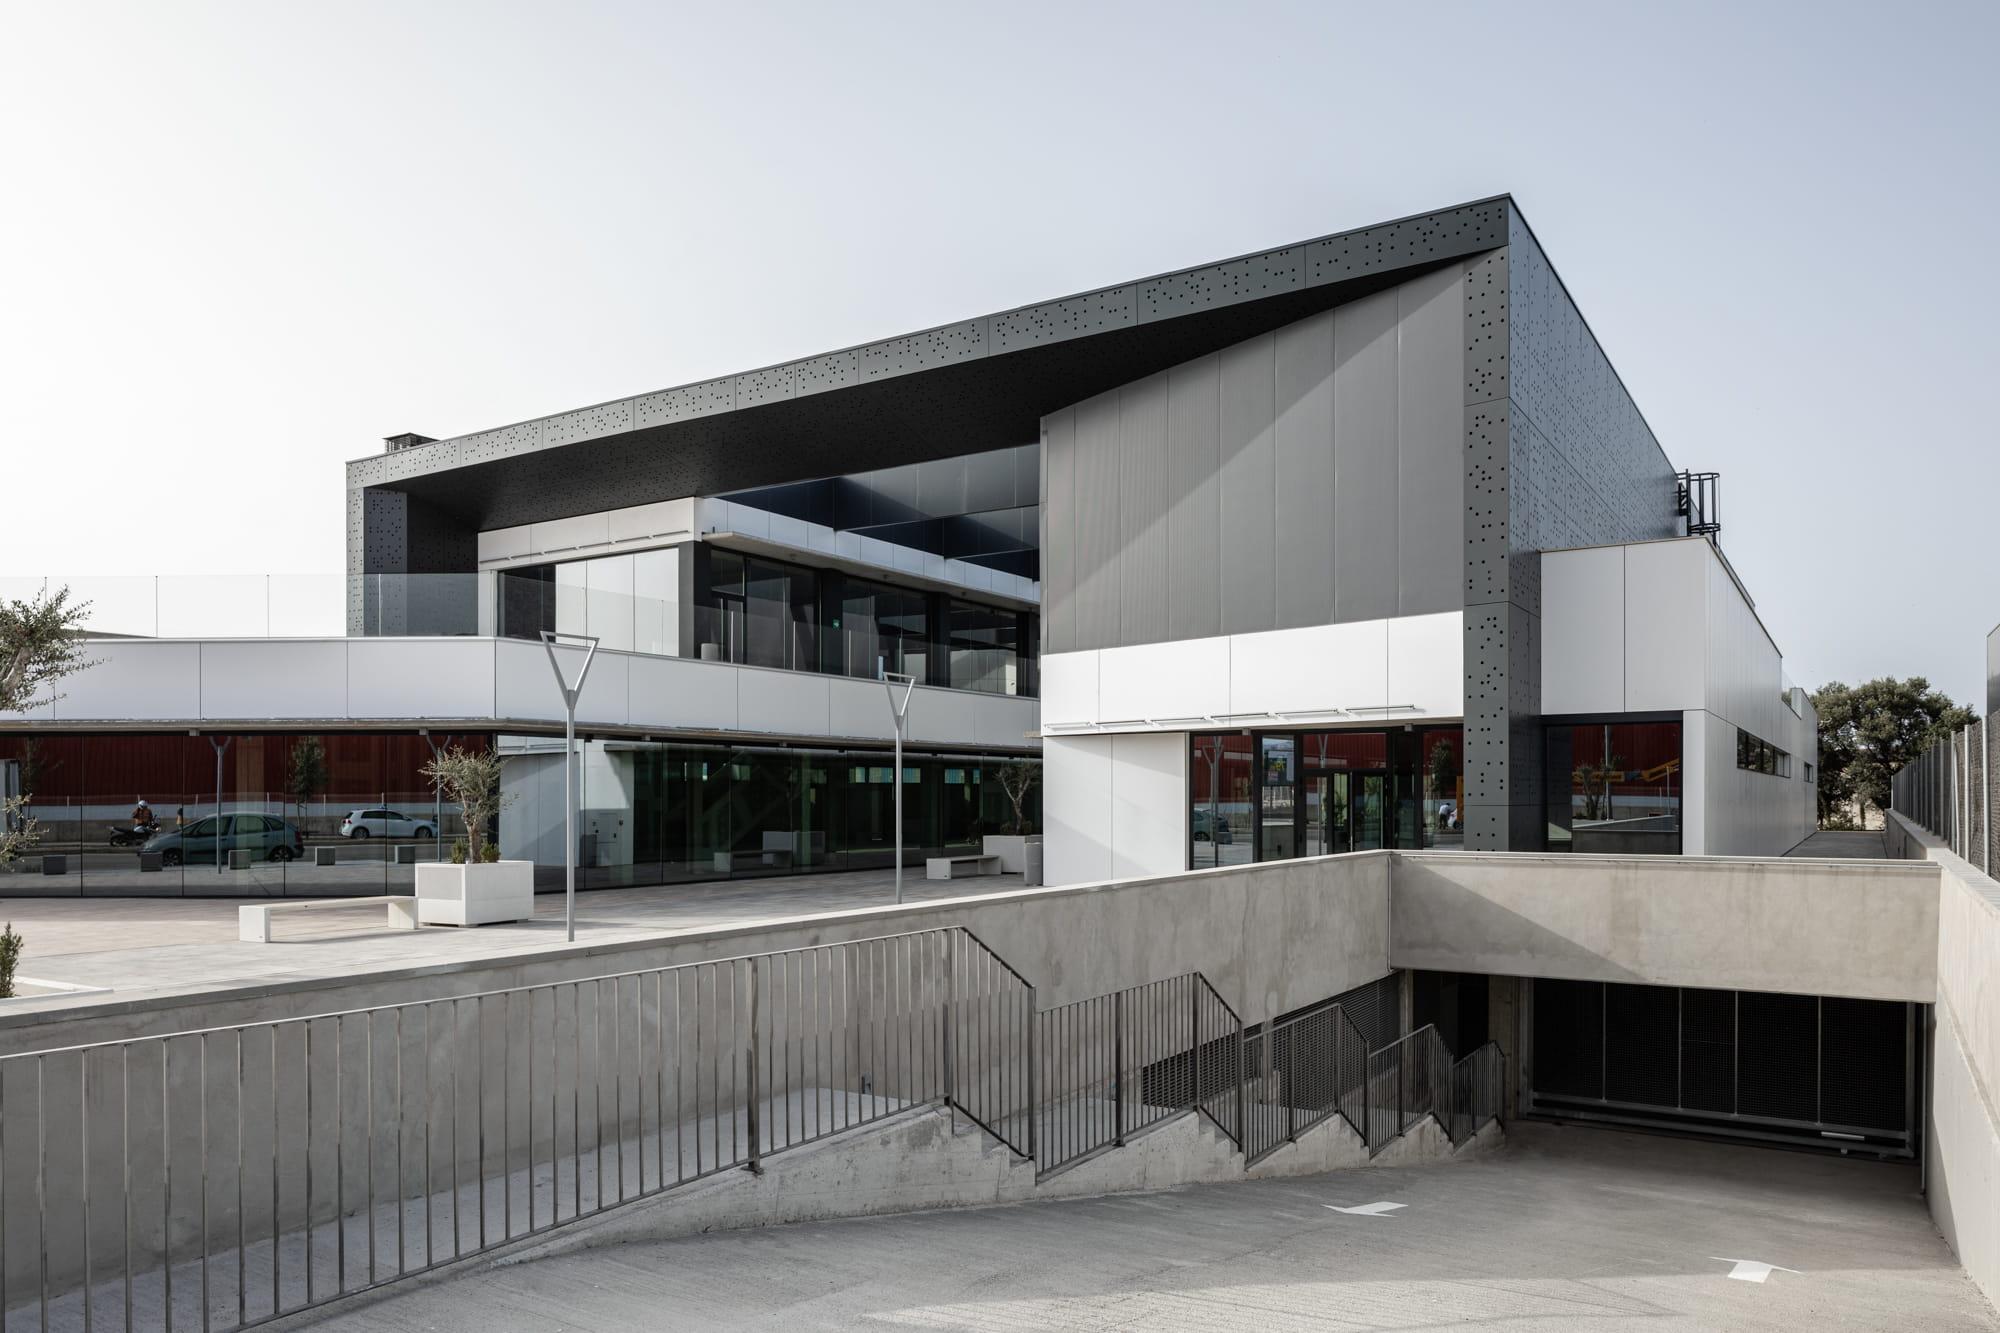 MALLORCA-OBRA NUEVA-ARQUITECTURA-INTERIORISMO- CENTRO COMERCIAL Torre Mariona